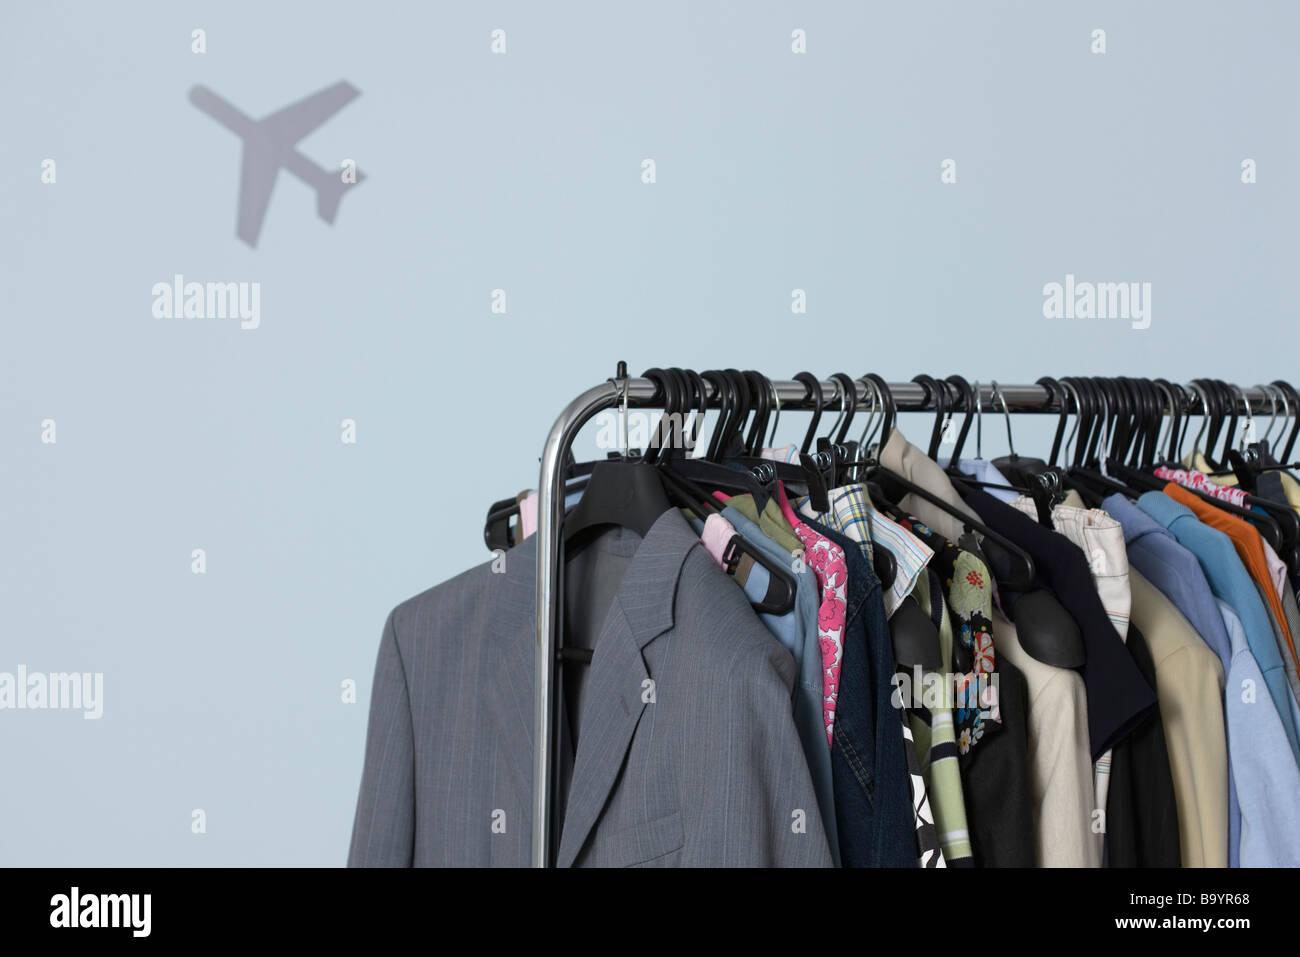 Rack mit Kleidung, Flugzeug-Form im Hintergrund Stockbild